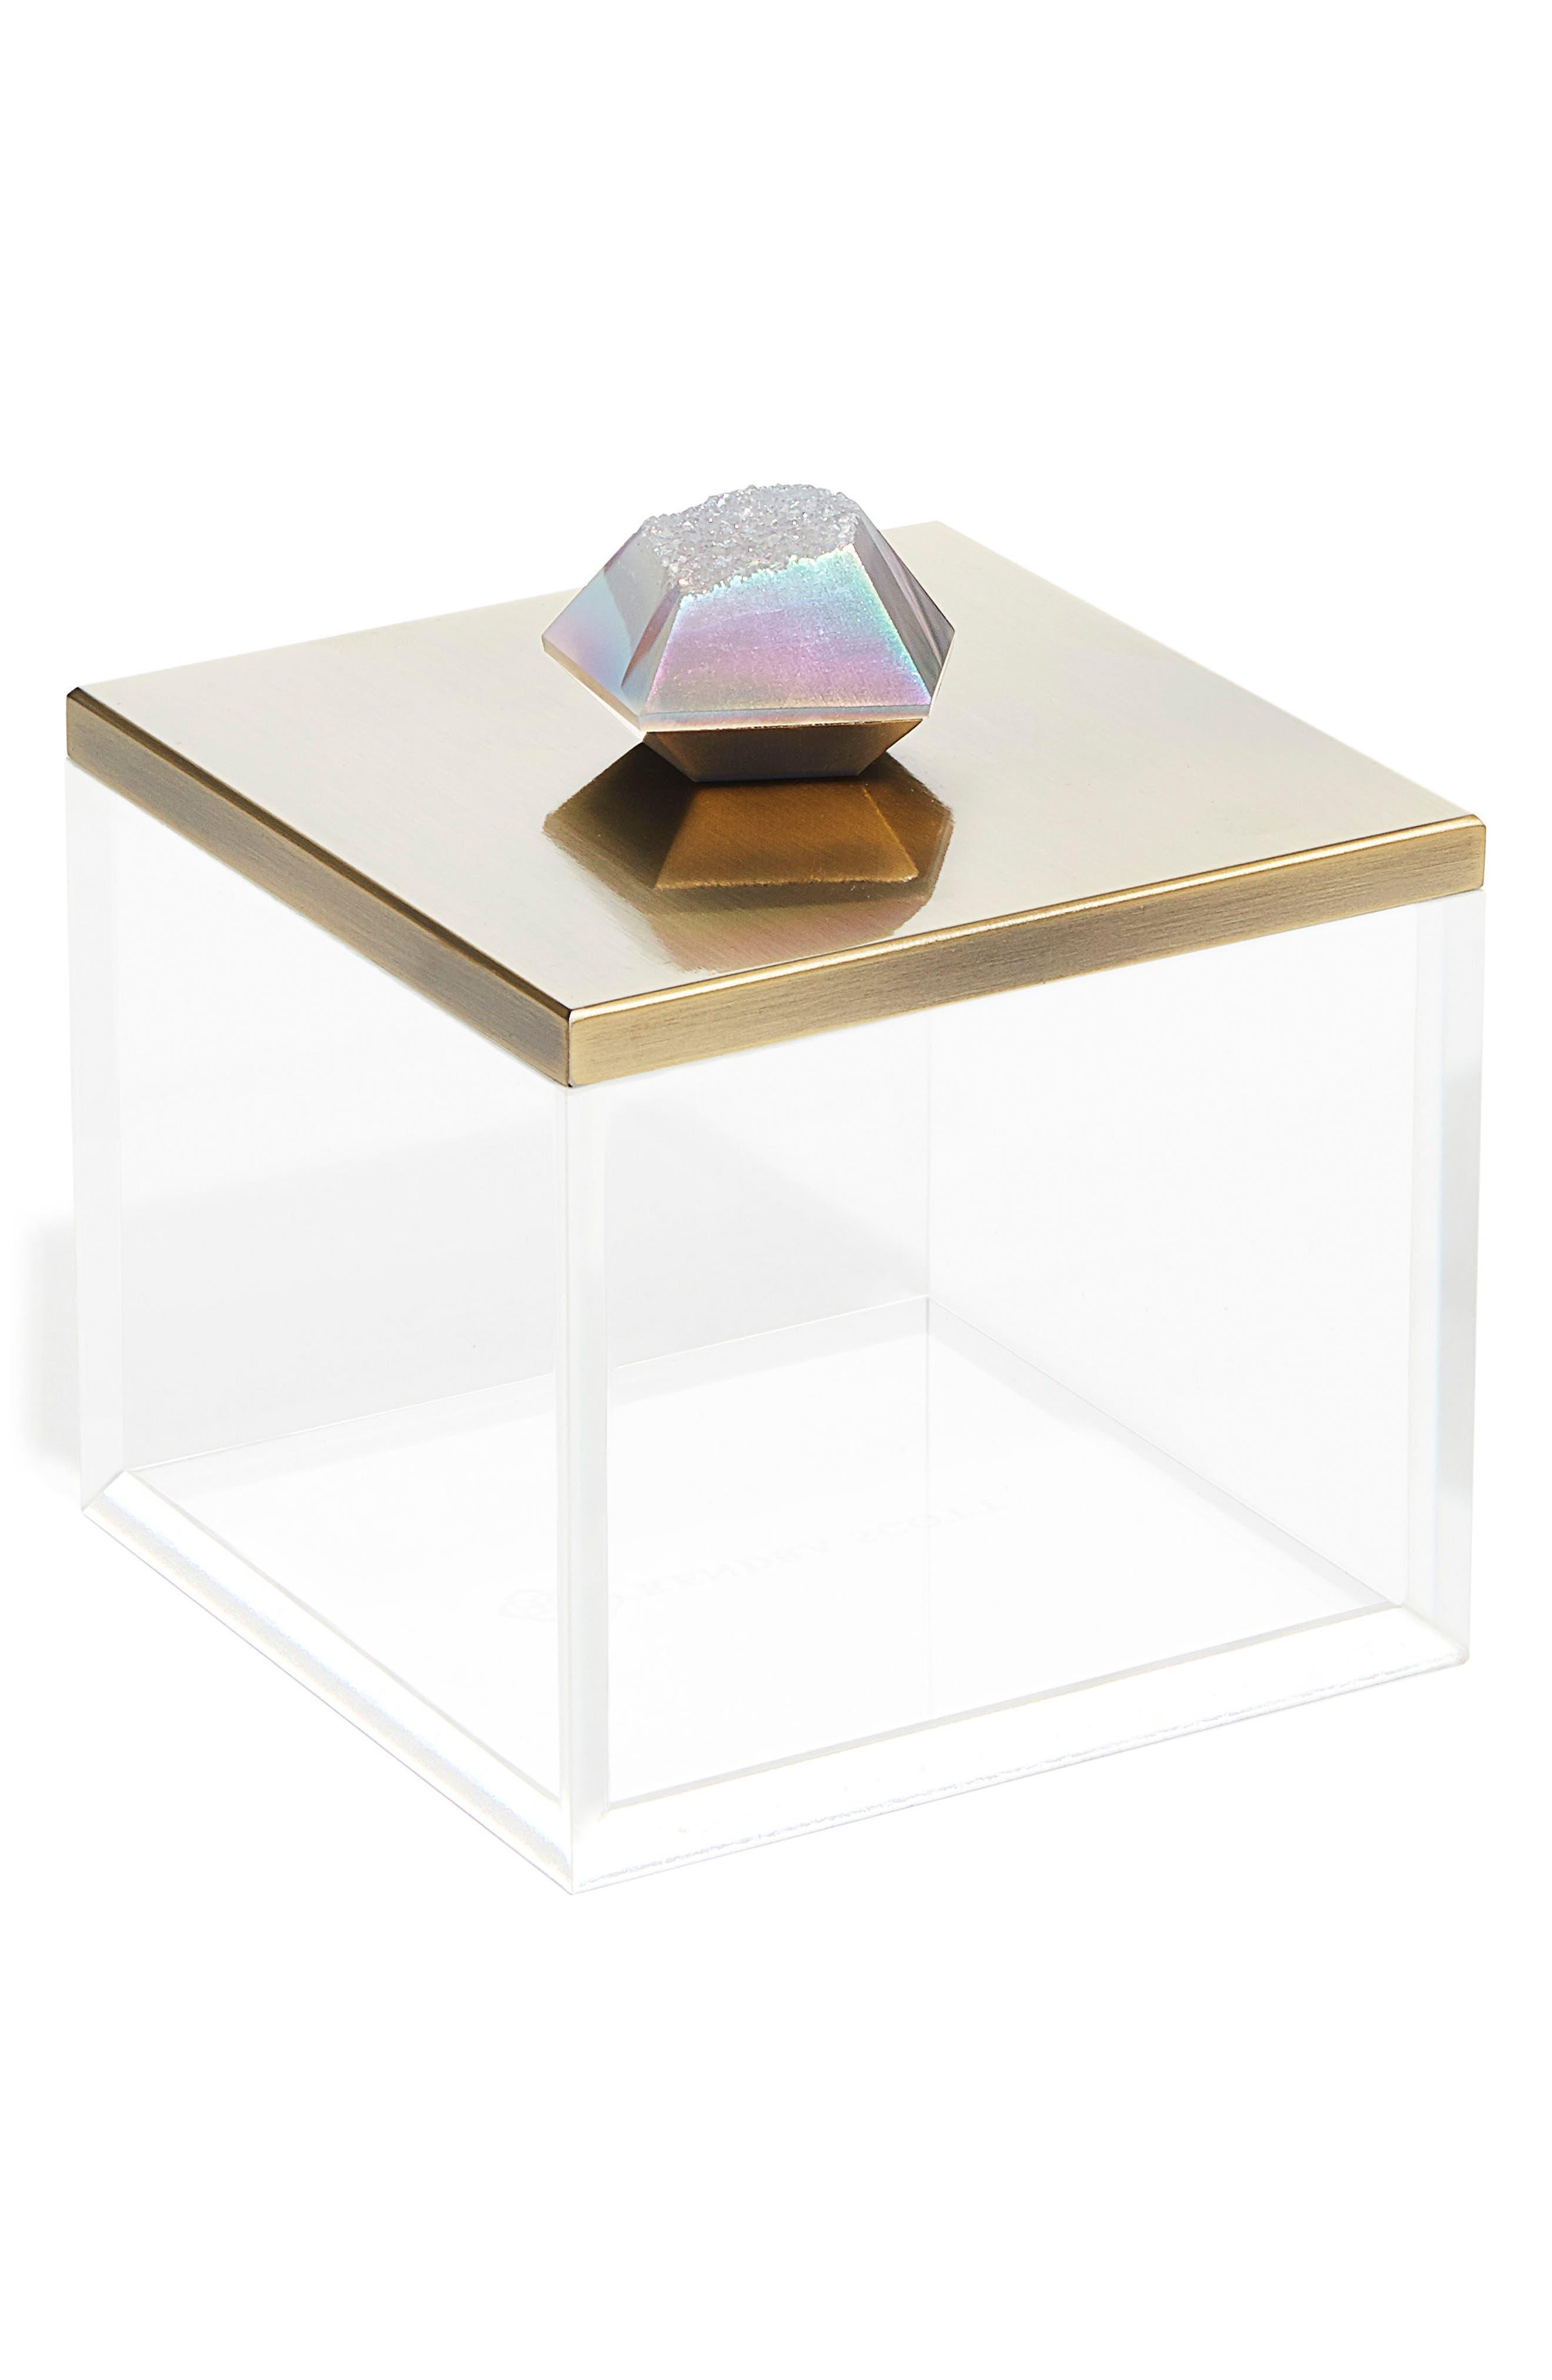 Kendra Scott Jewelry Box